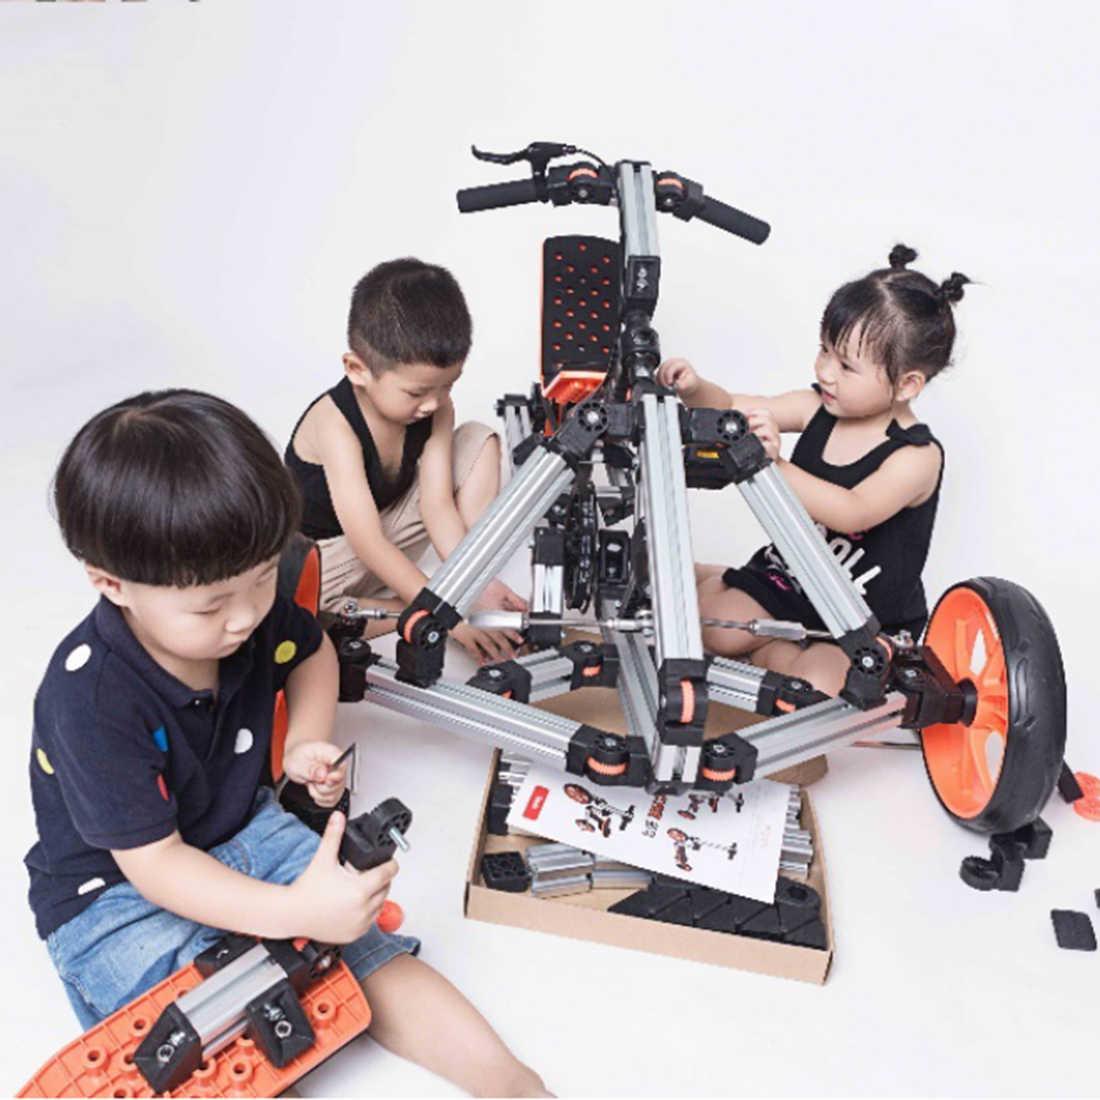 Docyke DIY Kreatif Construct Wahana 10-In-1 Sepeda Motor Go Kart Balance Scooter dengan Aluminium Multi- mode Bingkai untuk Anak